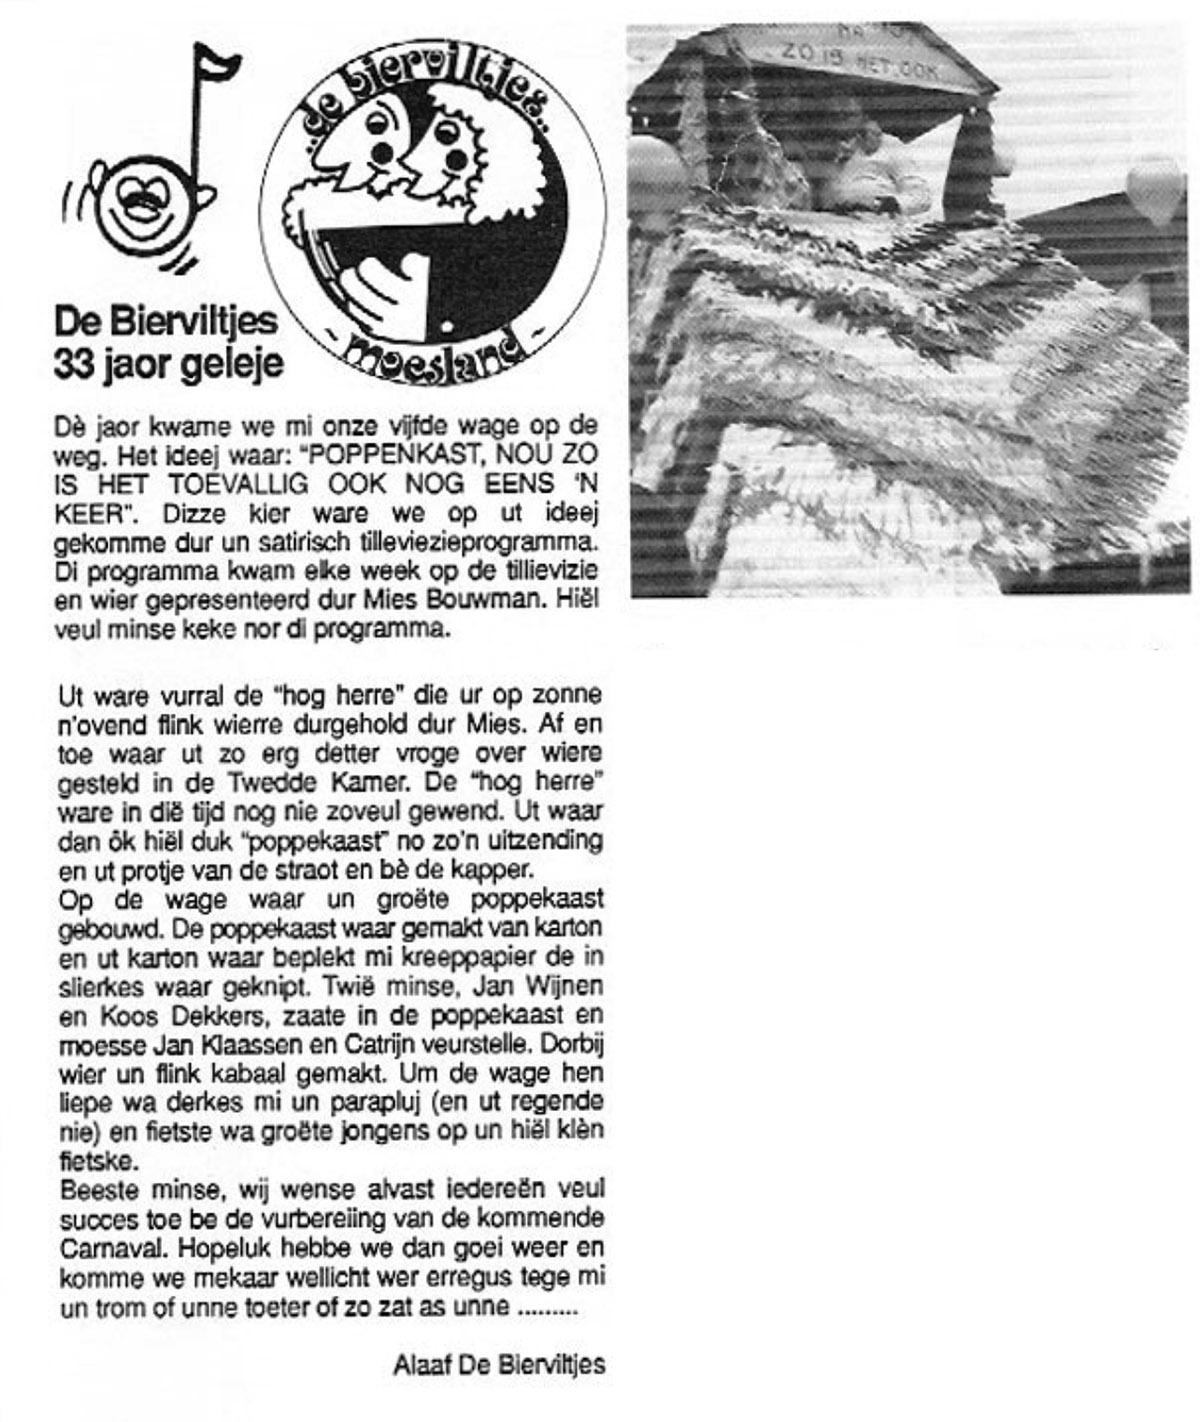 Stuk uit de carnavalskrant van de Bierviltjes - 1997